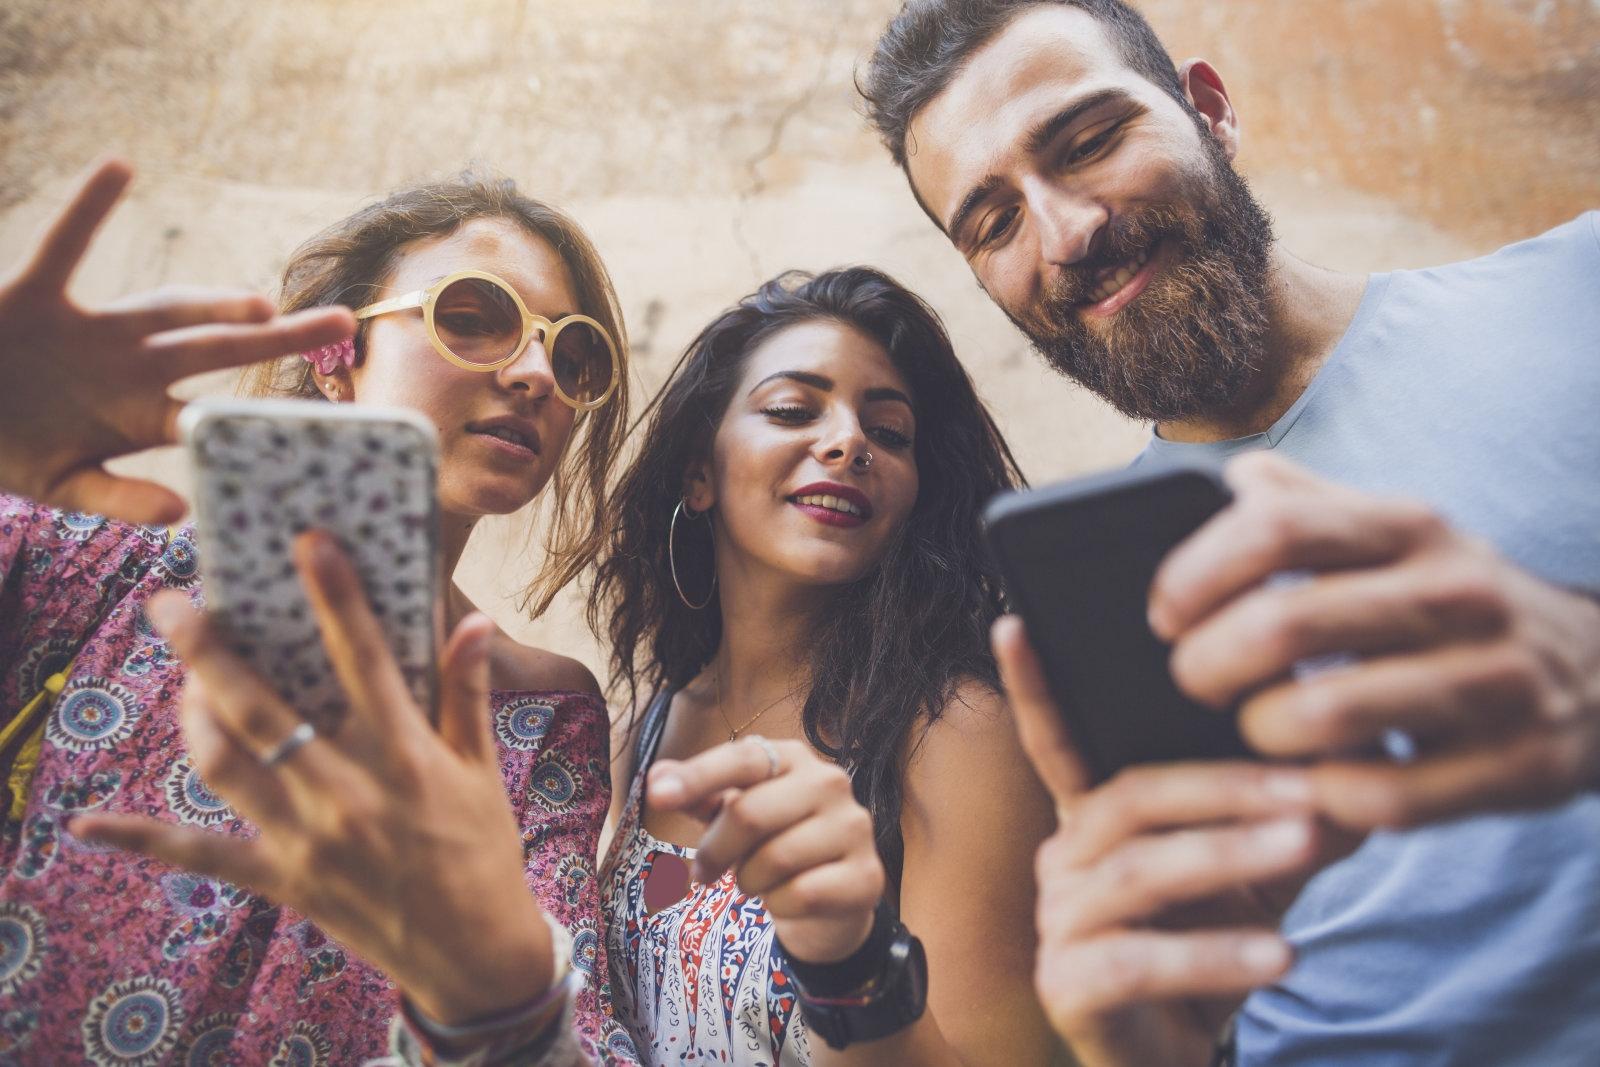 محبوب ترین رسانه های اجتماعی در میان نسل جوان